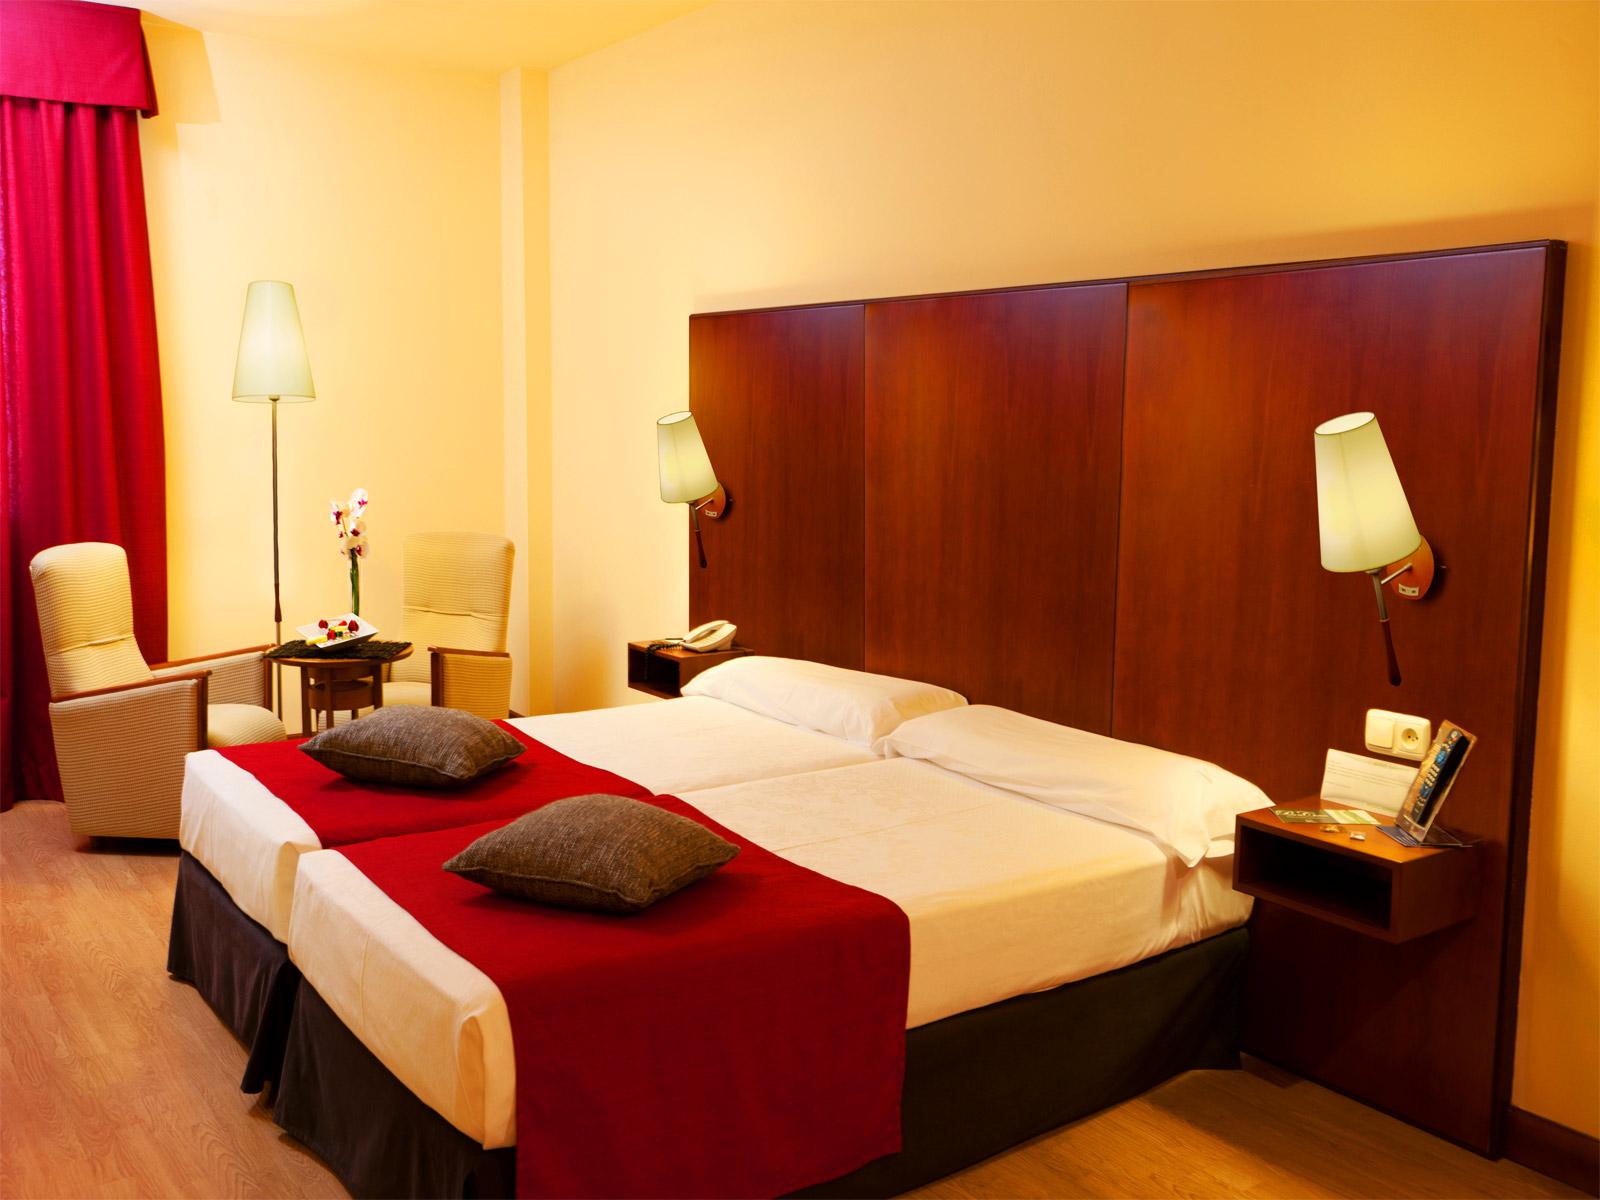 Rooms-Hoteles Vincci. Hotel Vincci Ciudad de Salamanca